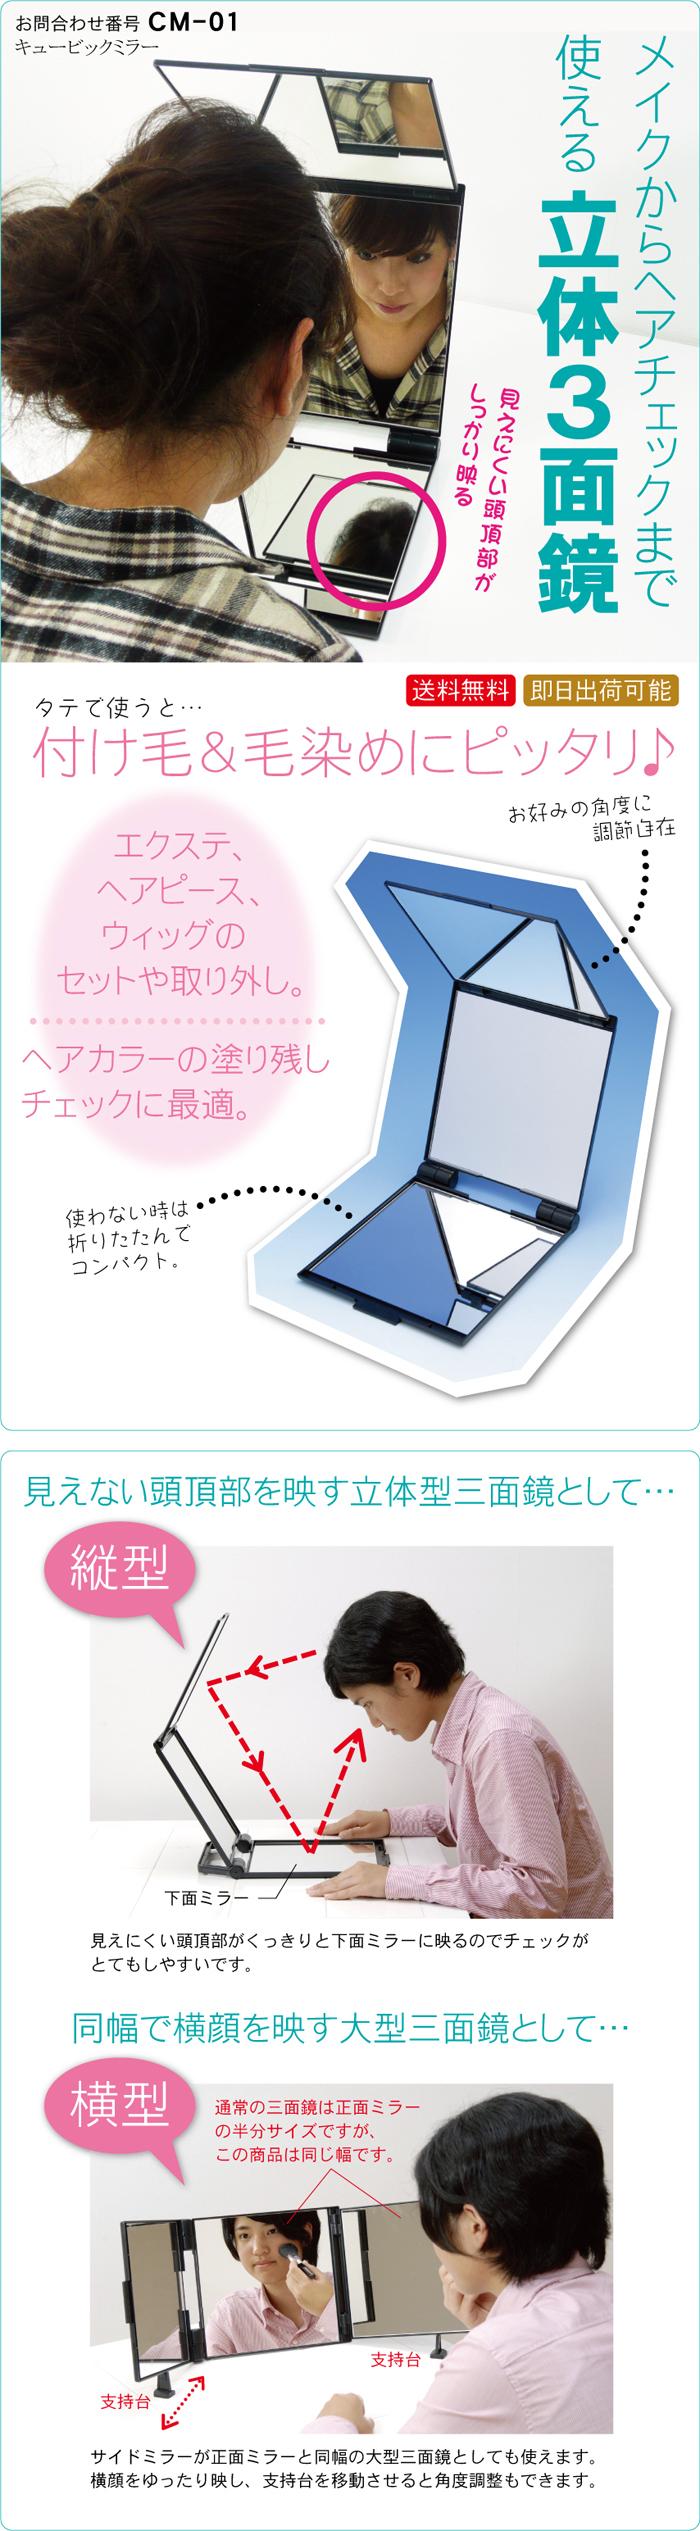 メイクからヘアチェックまで使えるゆったりサイズの立体三面鏡。